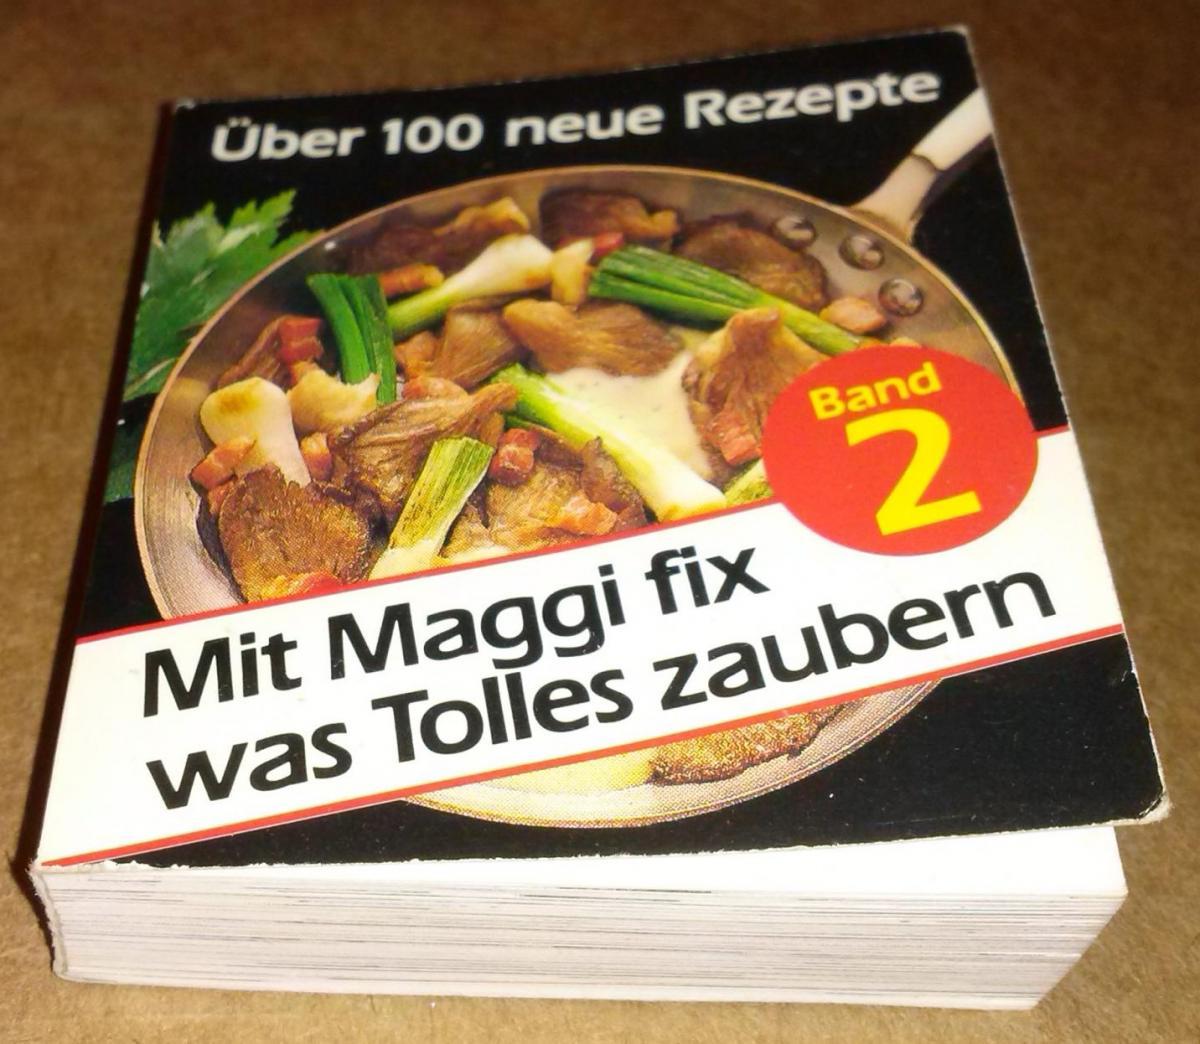 Mit Maggi fix was Tolles zaubern / Band 2 - Über 100 neue Rezepte / Mini-Kochbuch Minikochbuch / Maggi Kochstudio 0